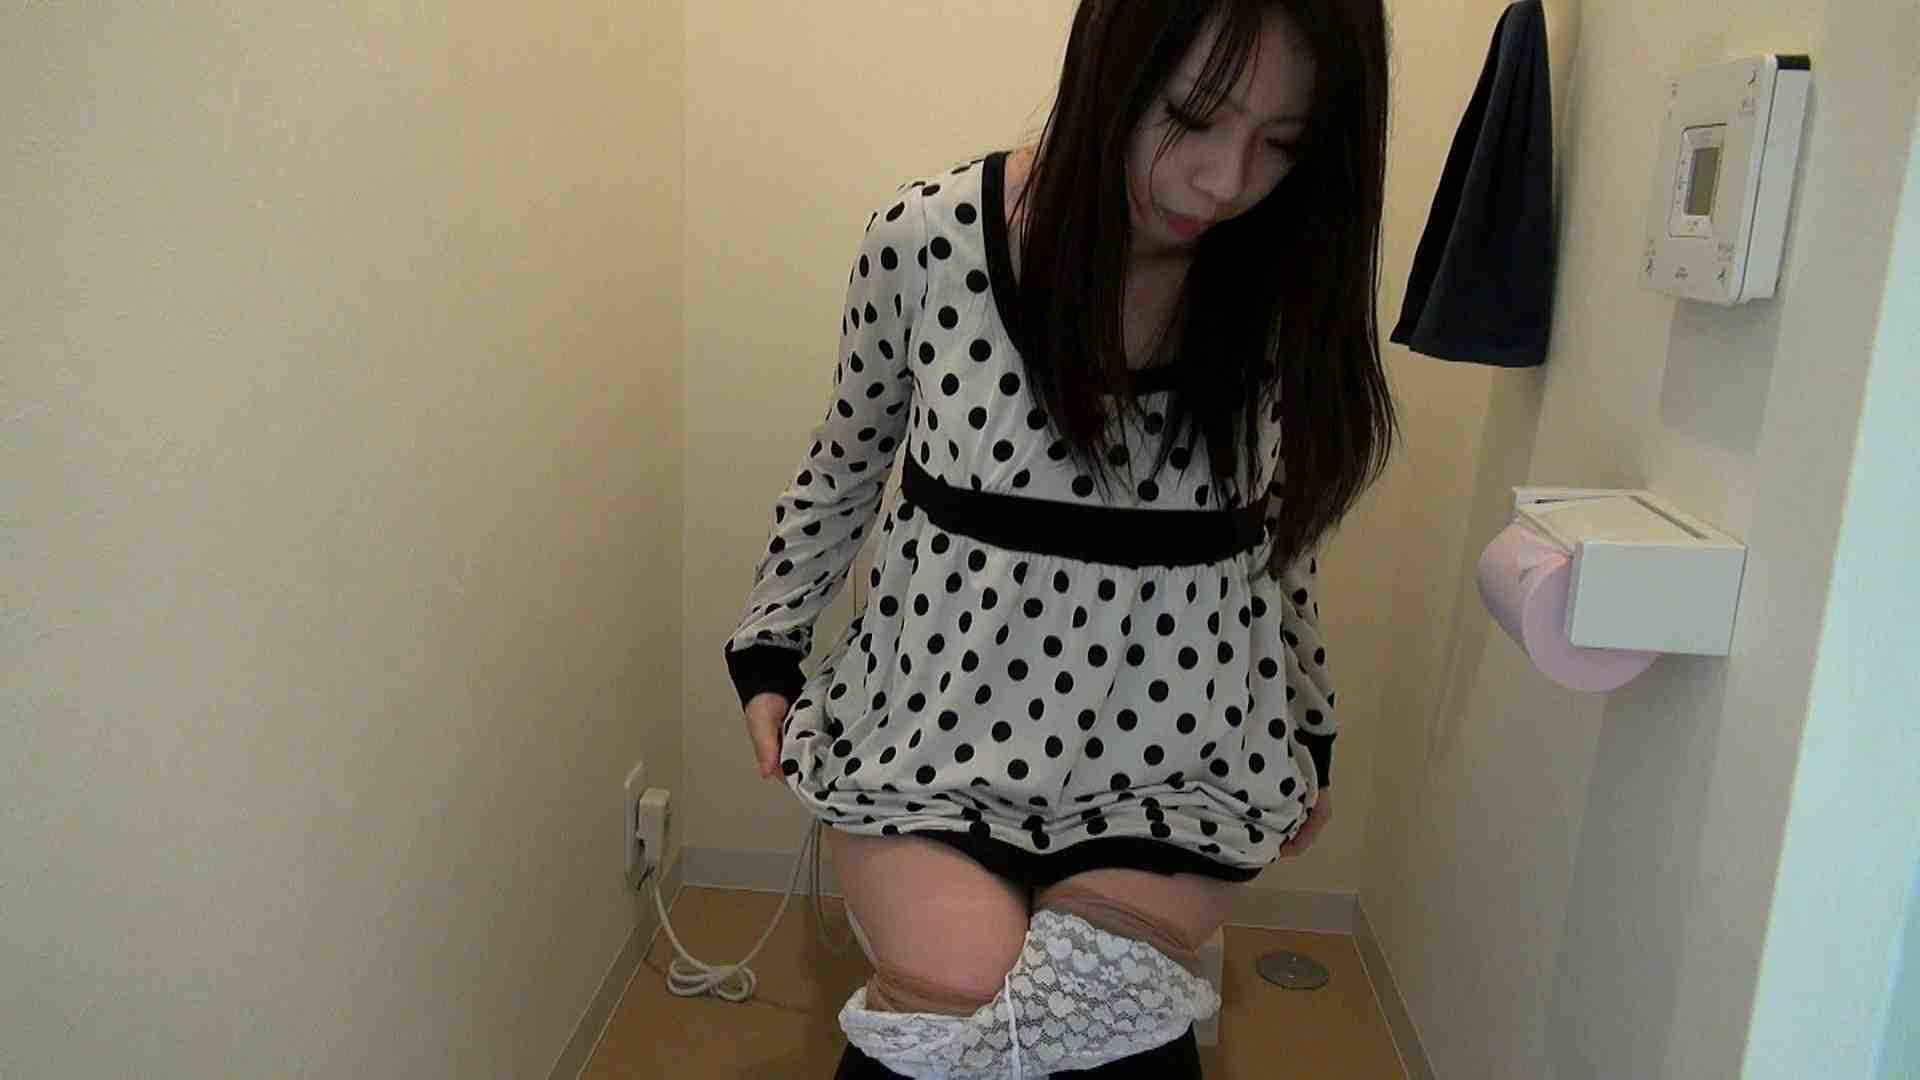 志穂さんにお手洗いに行ってもらいましょう 盗撮 隠し撮りオマンコ動画紹介 92枚 22